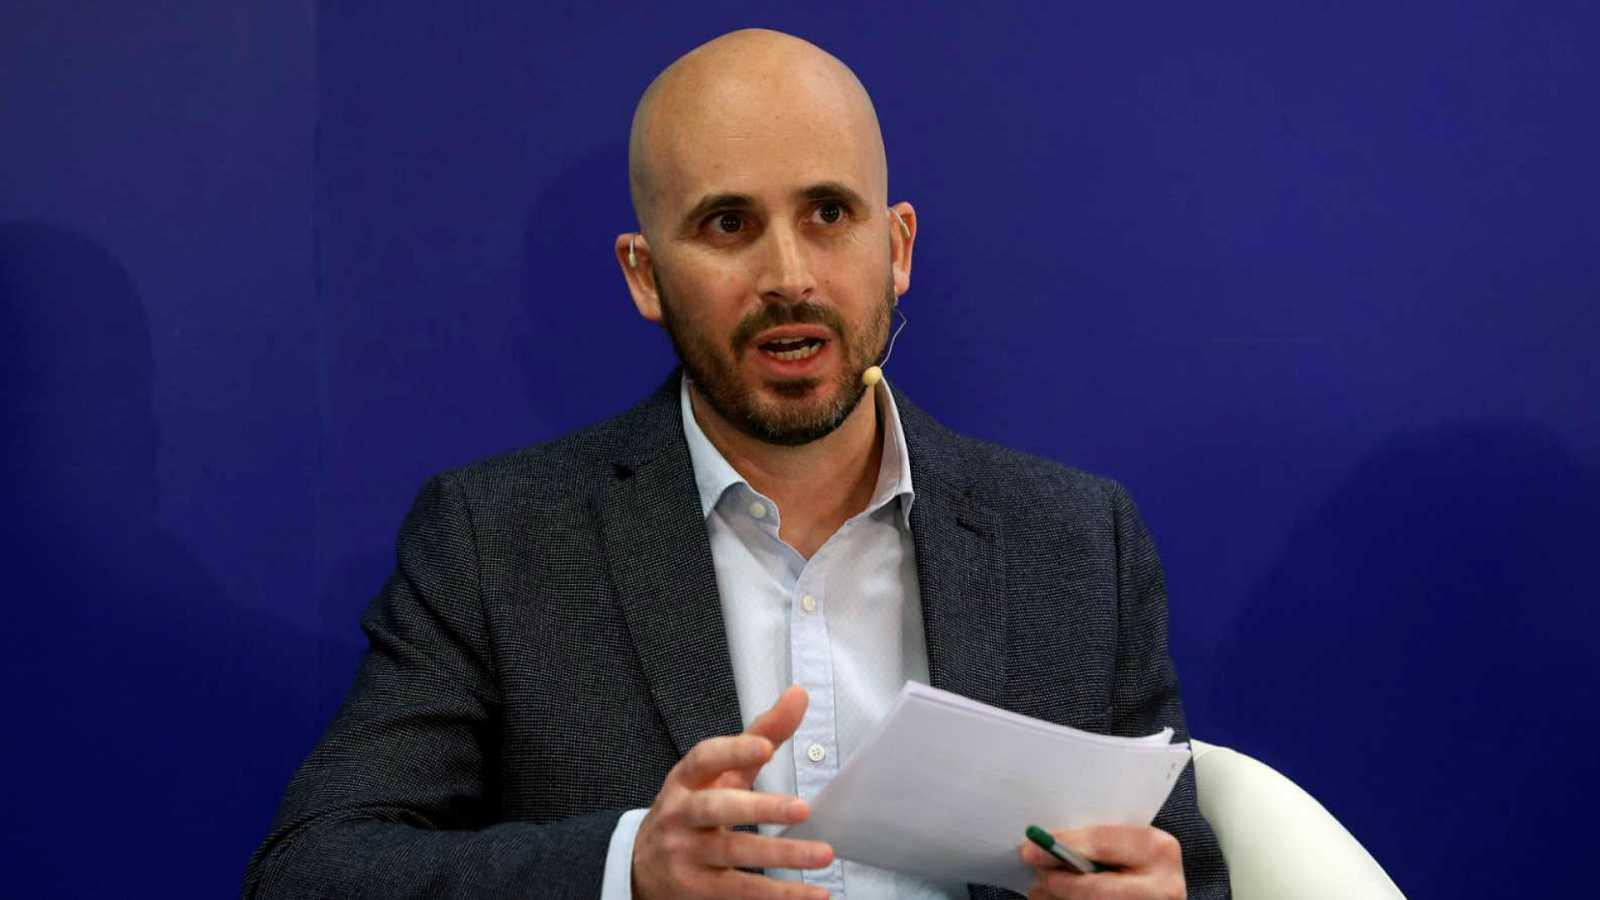 """Las mañanas de RNE con Íñigo Alfonso - Nacho Álvarez: """"Los Presupuestos deben ser aprobados con las fuerzas de la moción de censura"""" - Escuchar ahora"""